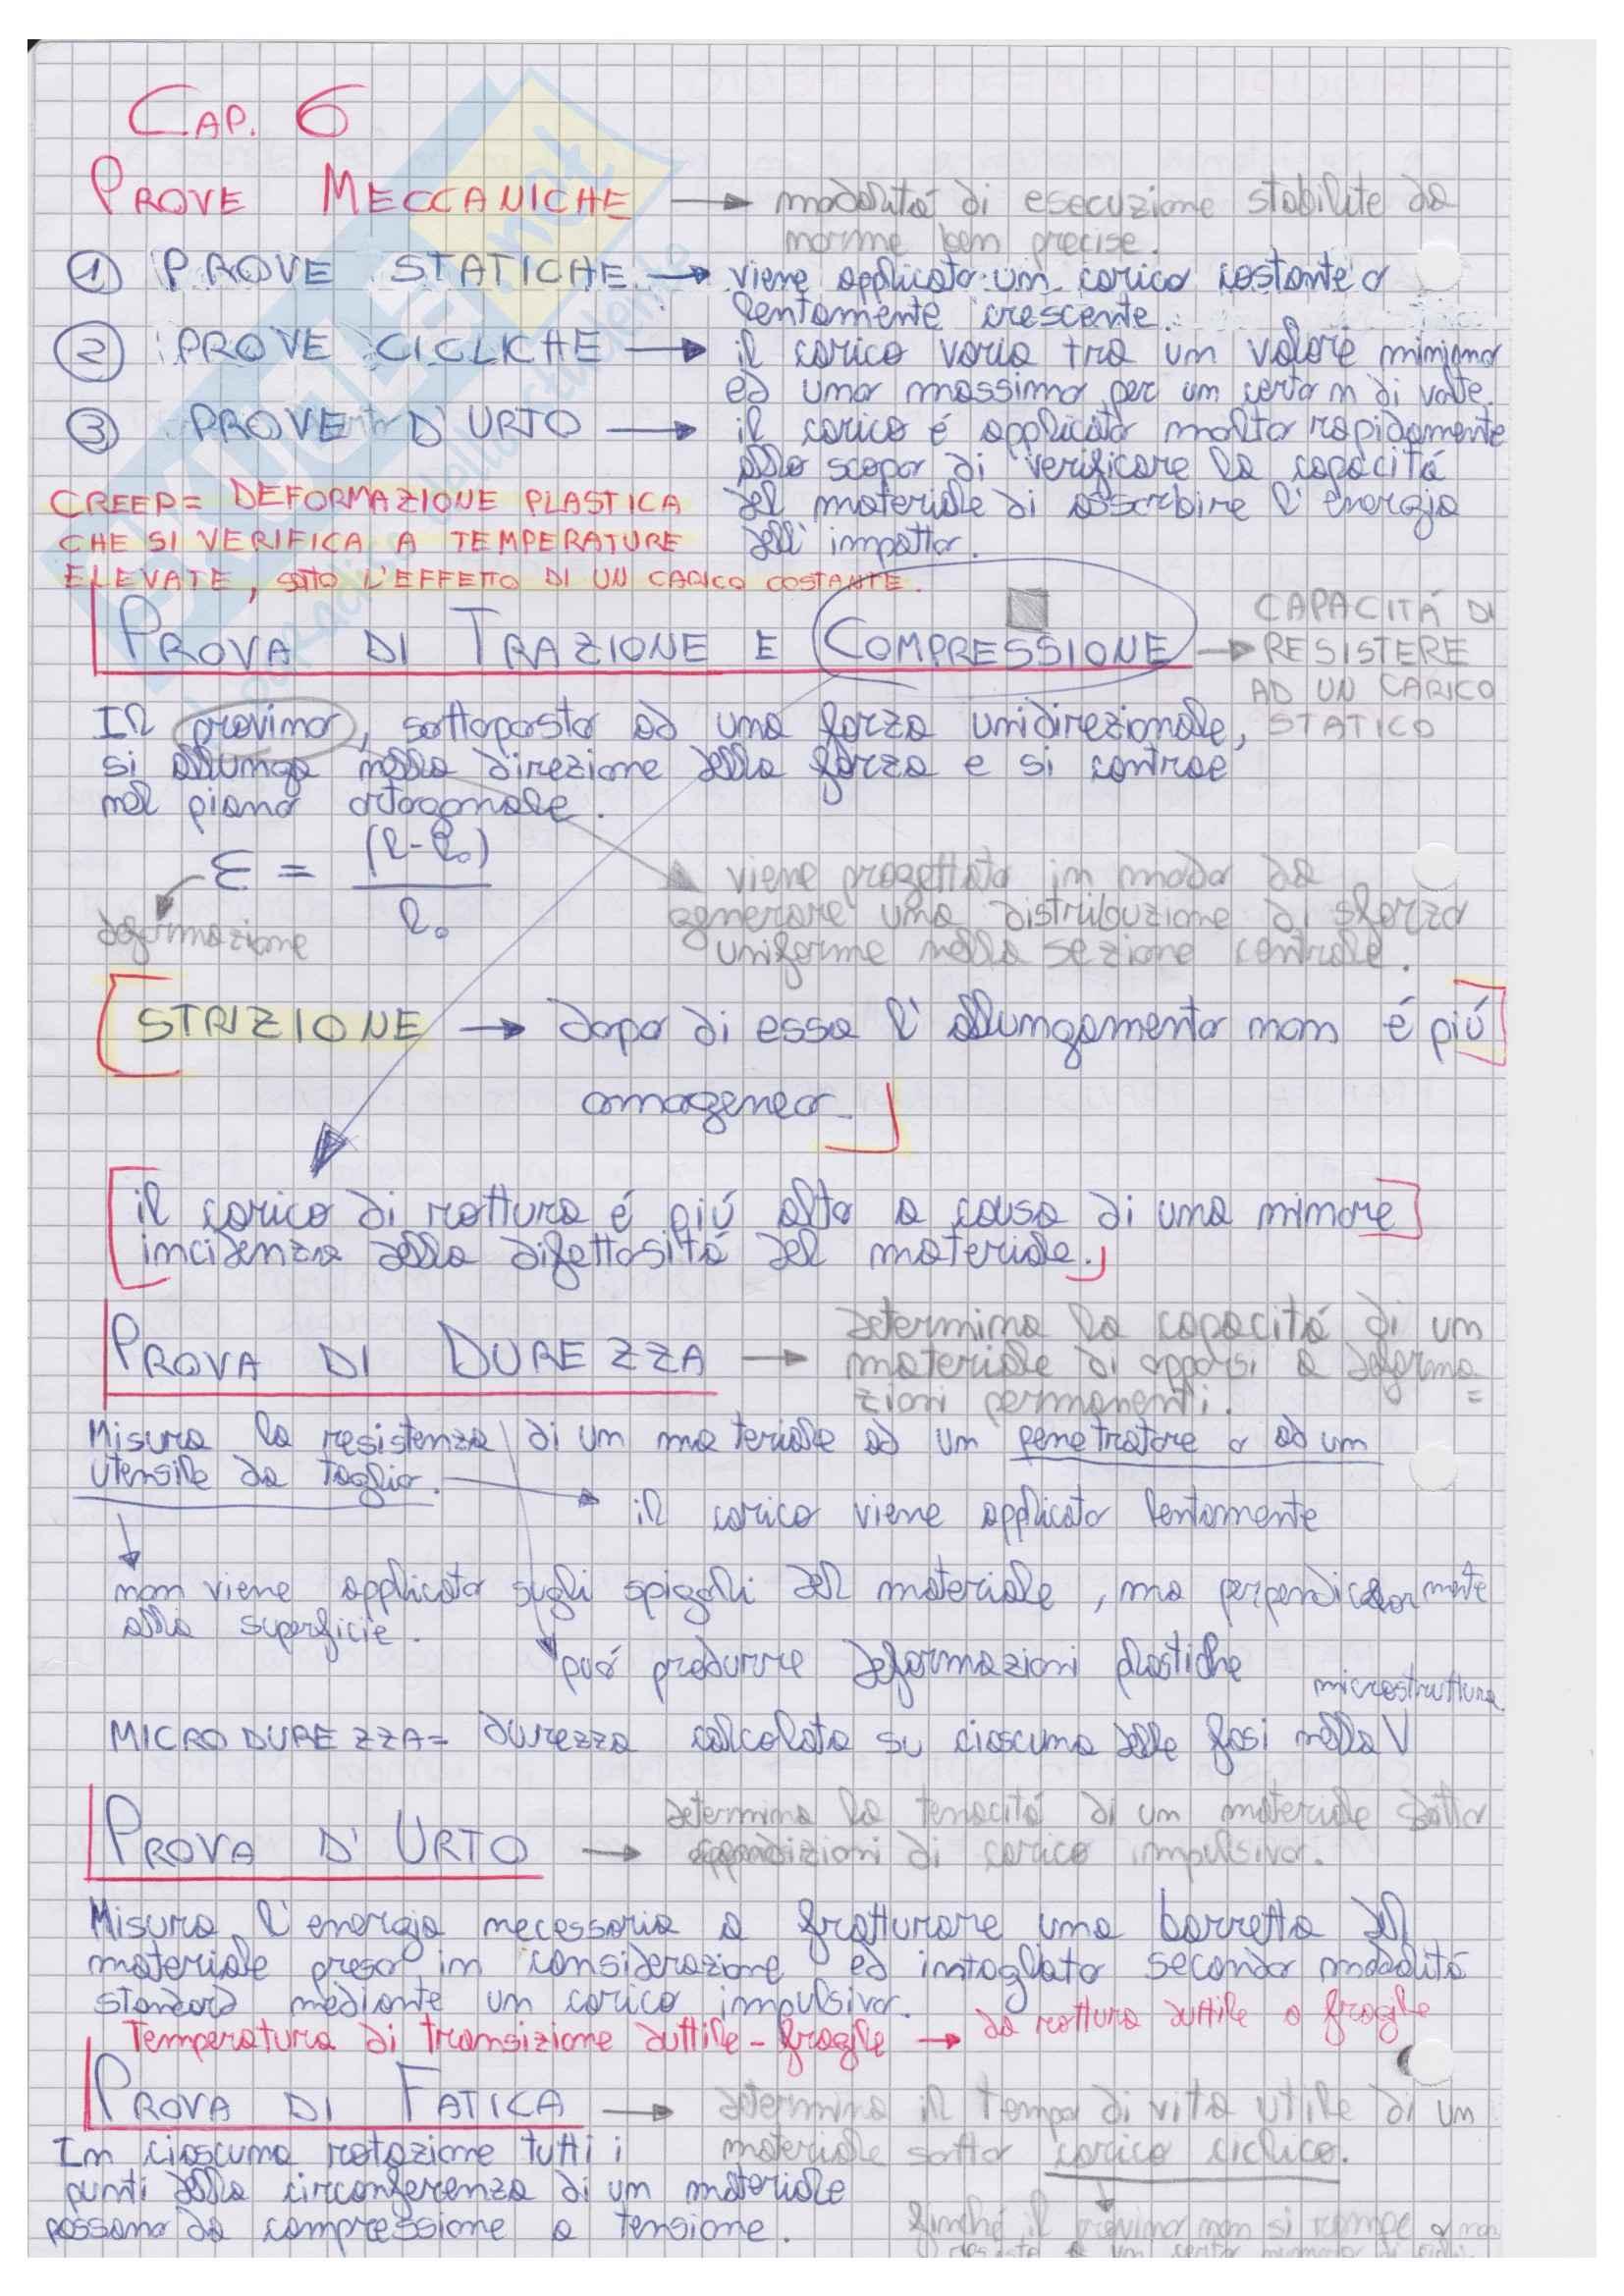 Prove Meccaniche, Diagrammi di Stato, Acciai, Leghe, Chimica